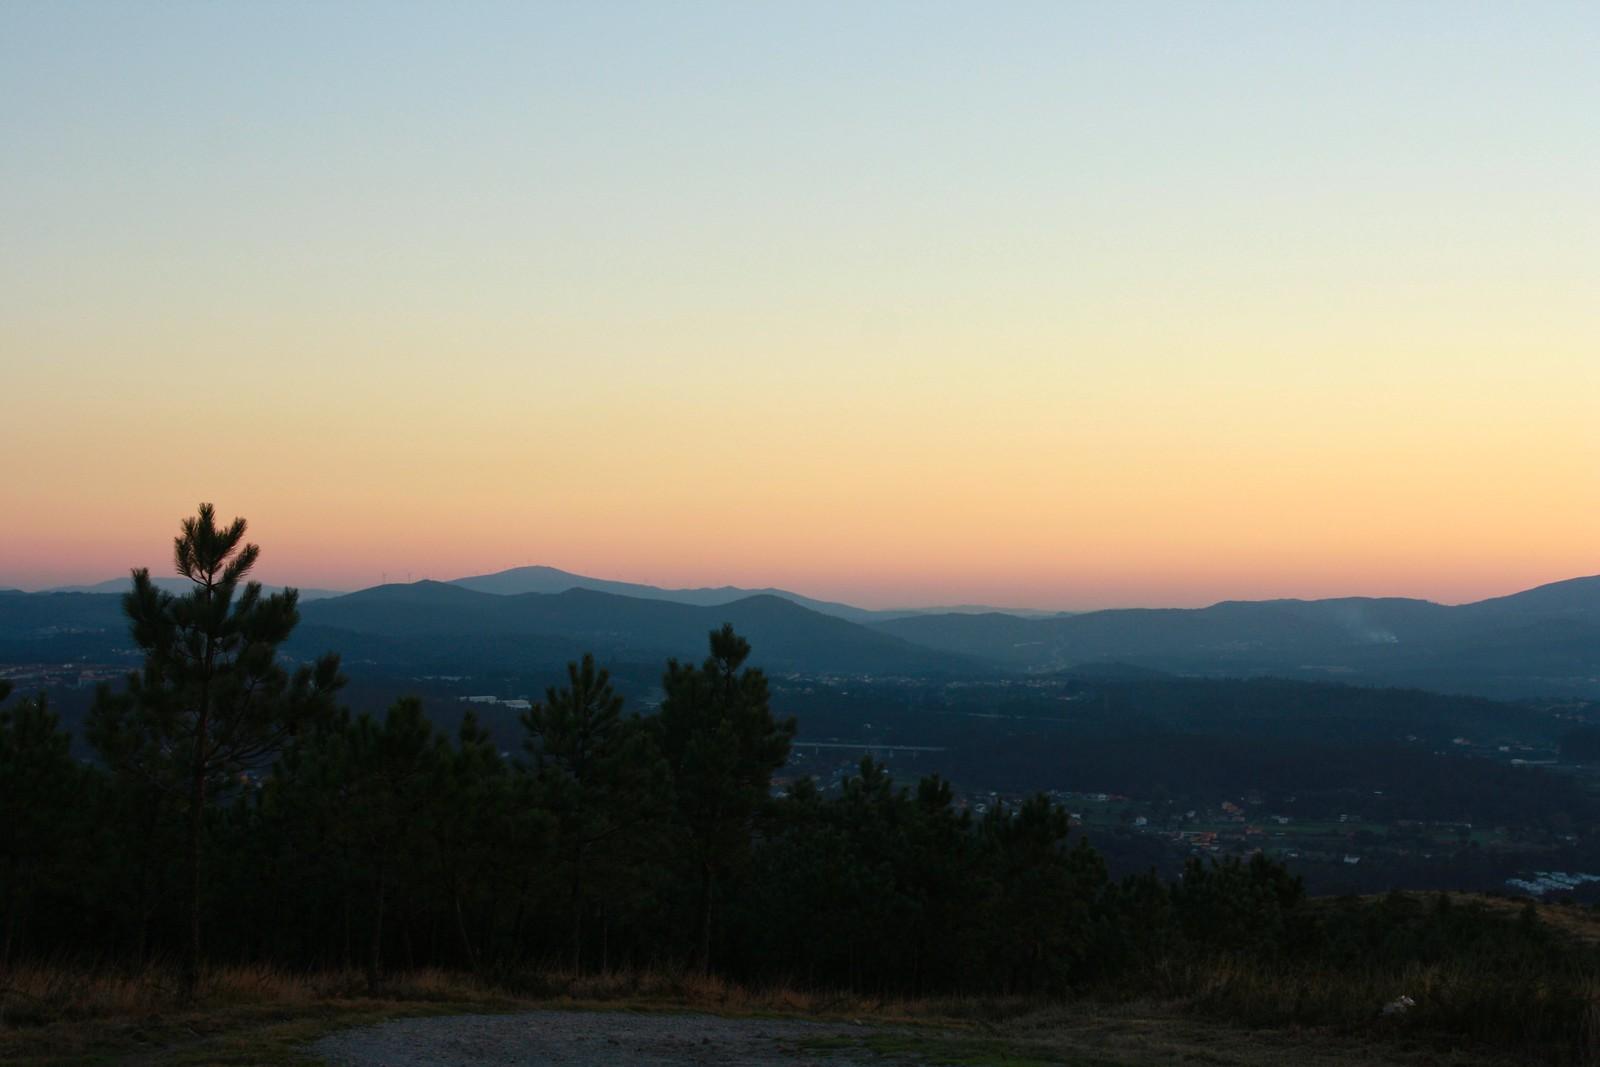 Monte Pedroso, Santiago de Compostela, Spain